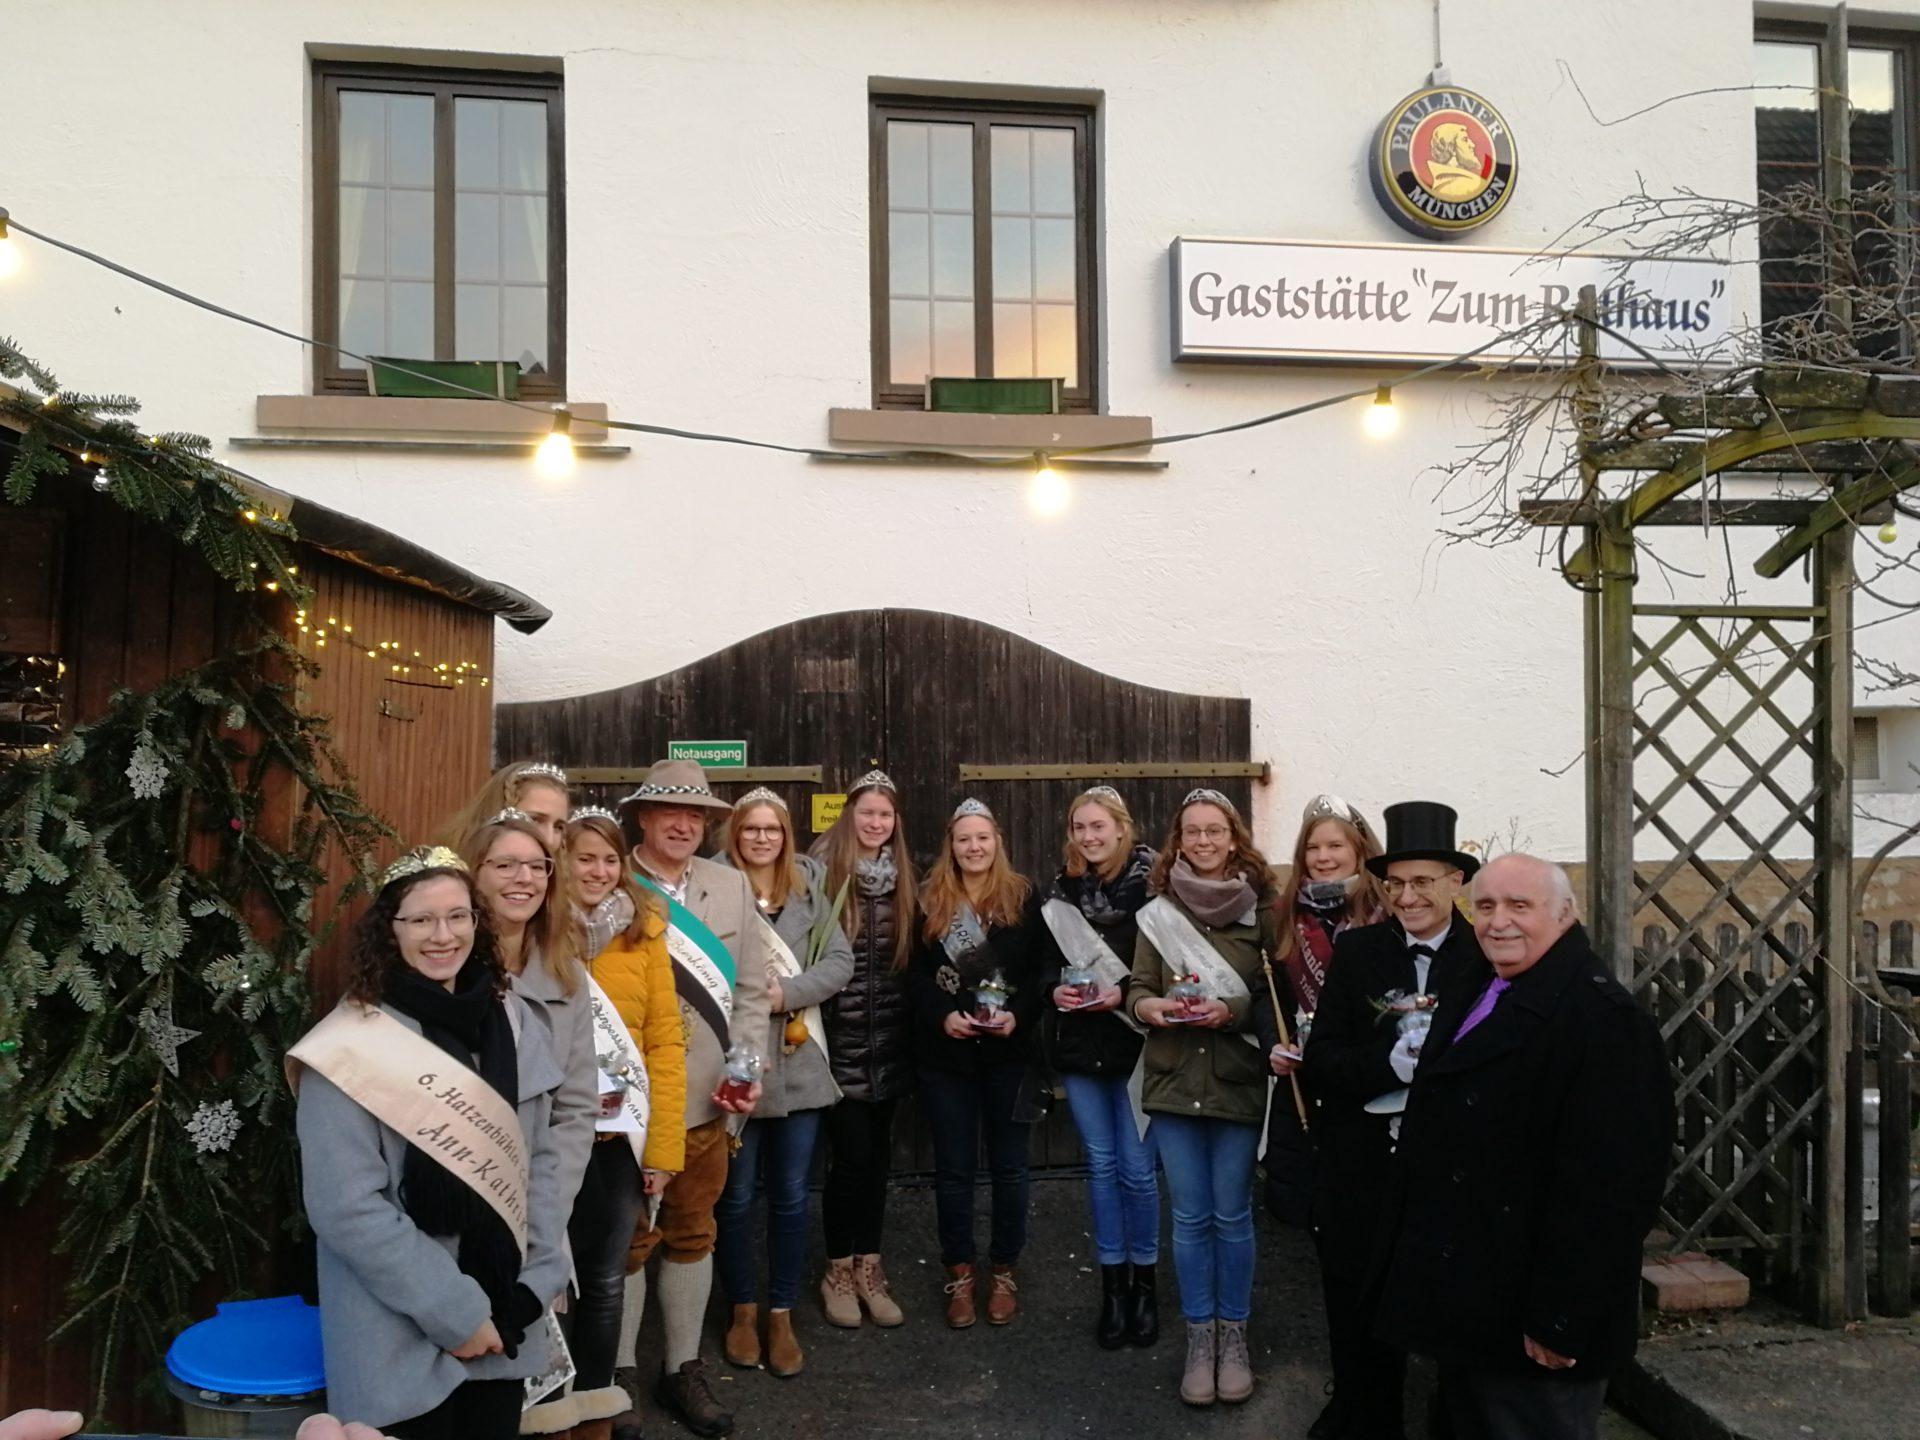 Franziska I. bei der Eröffnung des Dörrenbacher Weihnachtsmarktes